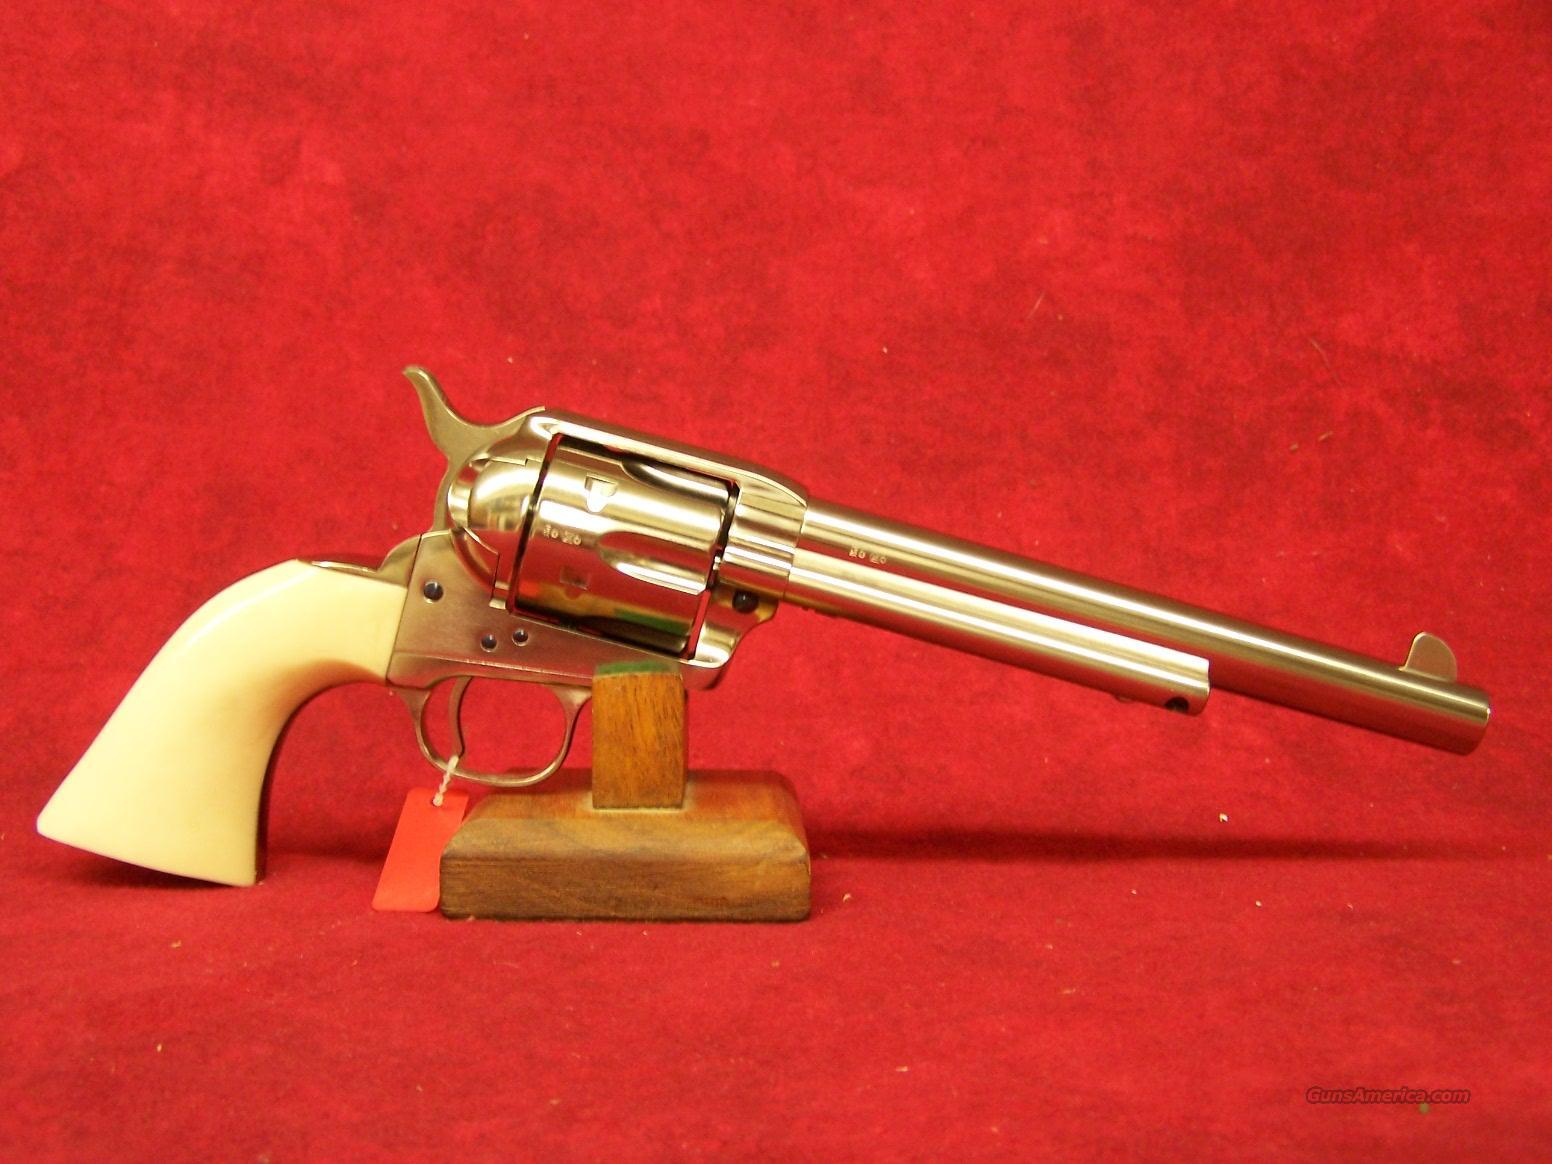 """Uberti 1873 Cattleman Cody NM Nickel w/Ivory Style grips .45 LC 7 1/2"""" (356114)  Guns > Pistols > Uberti Pistols > Ctg."""